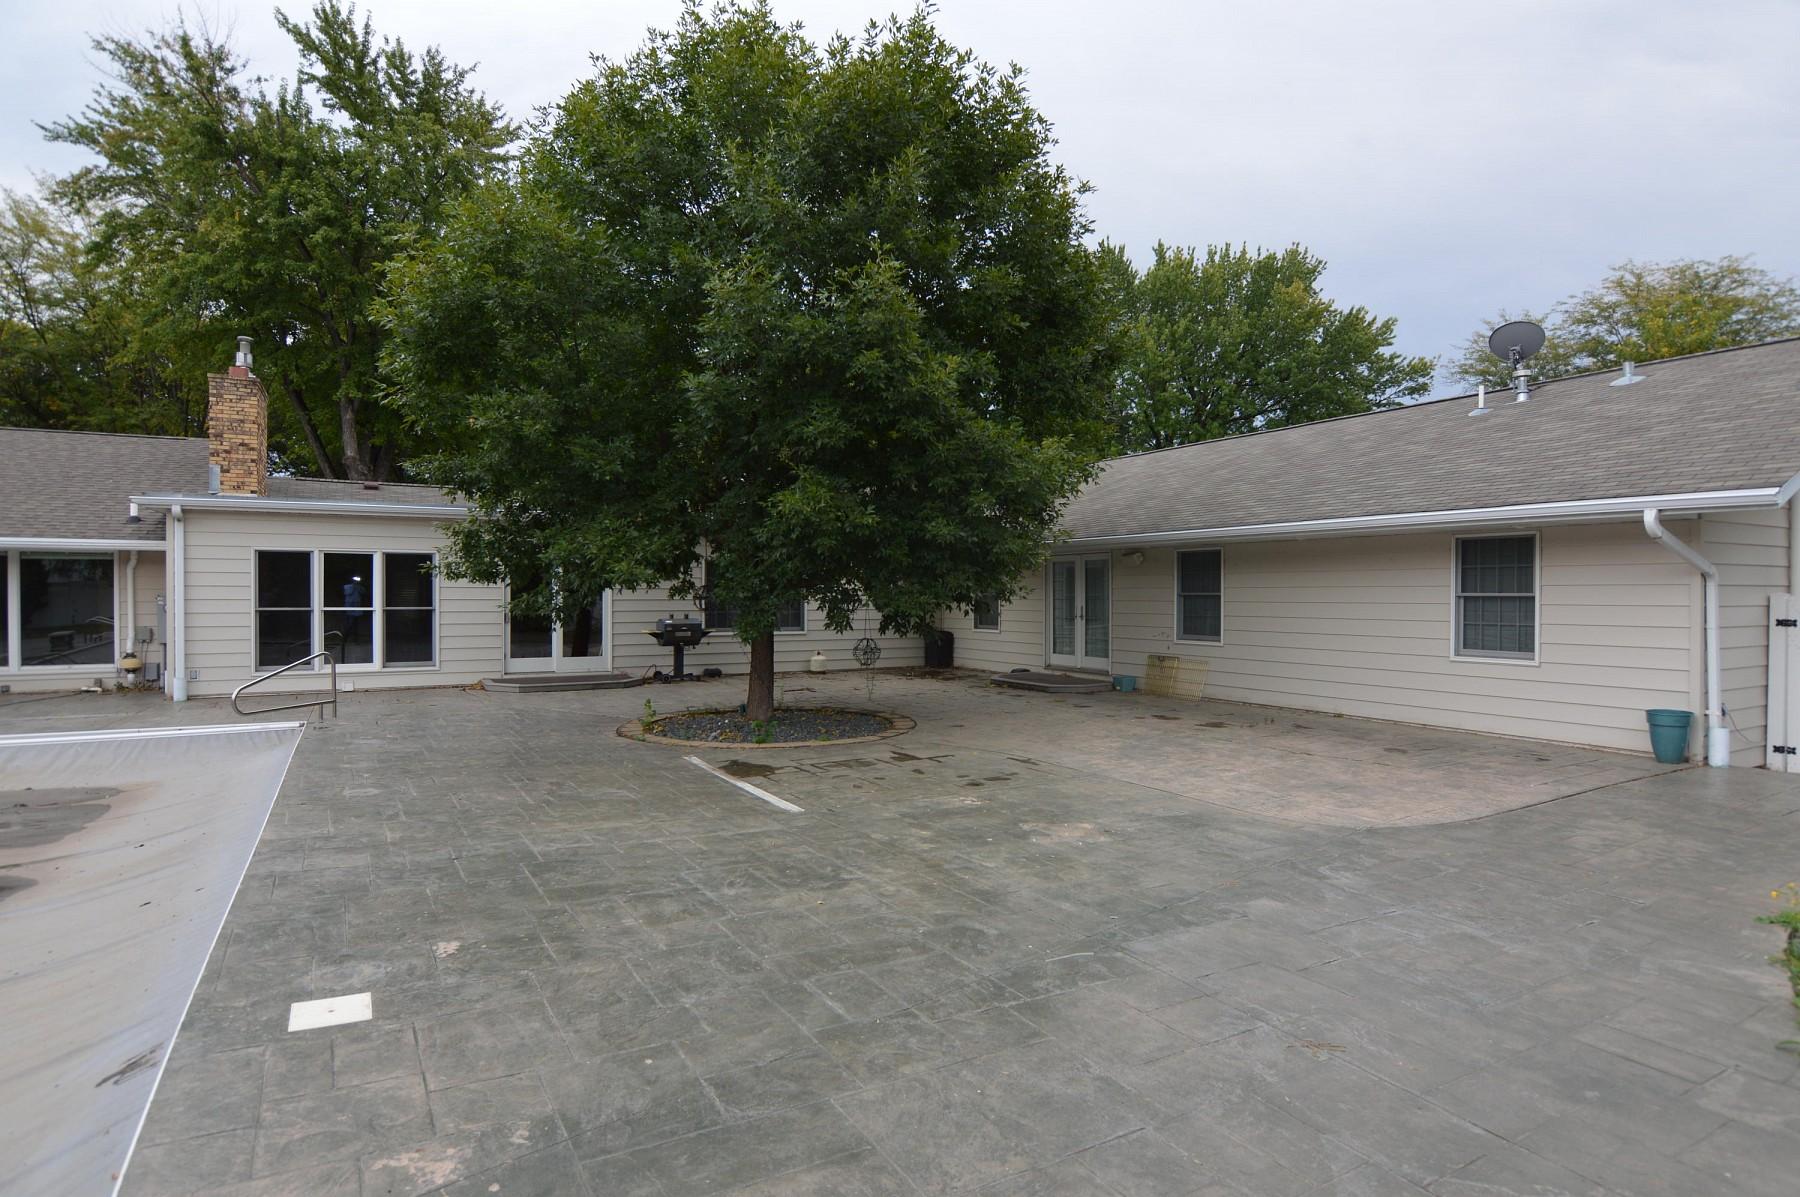 1733 IllinoisAvenueSW, Huron, SD 57350